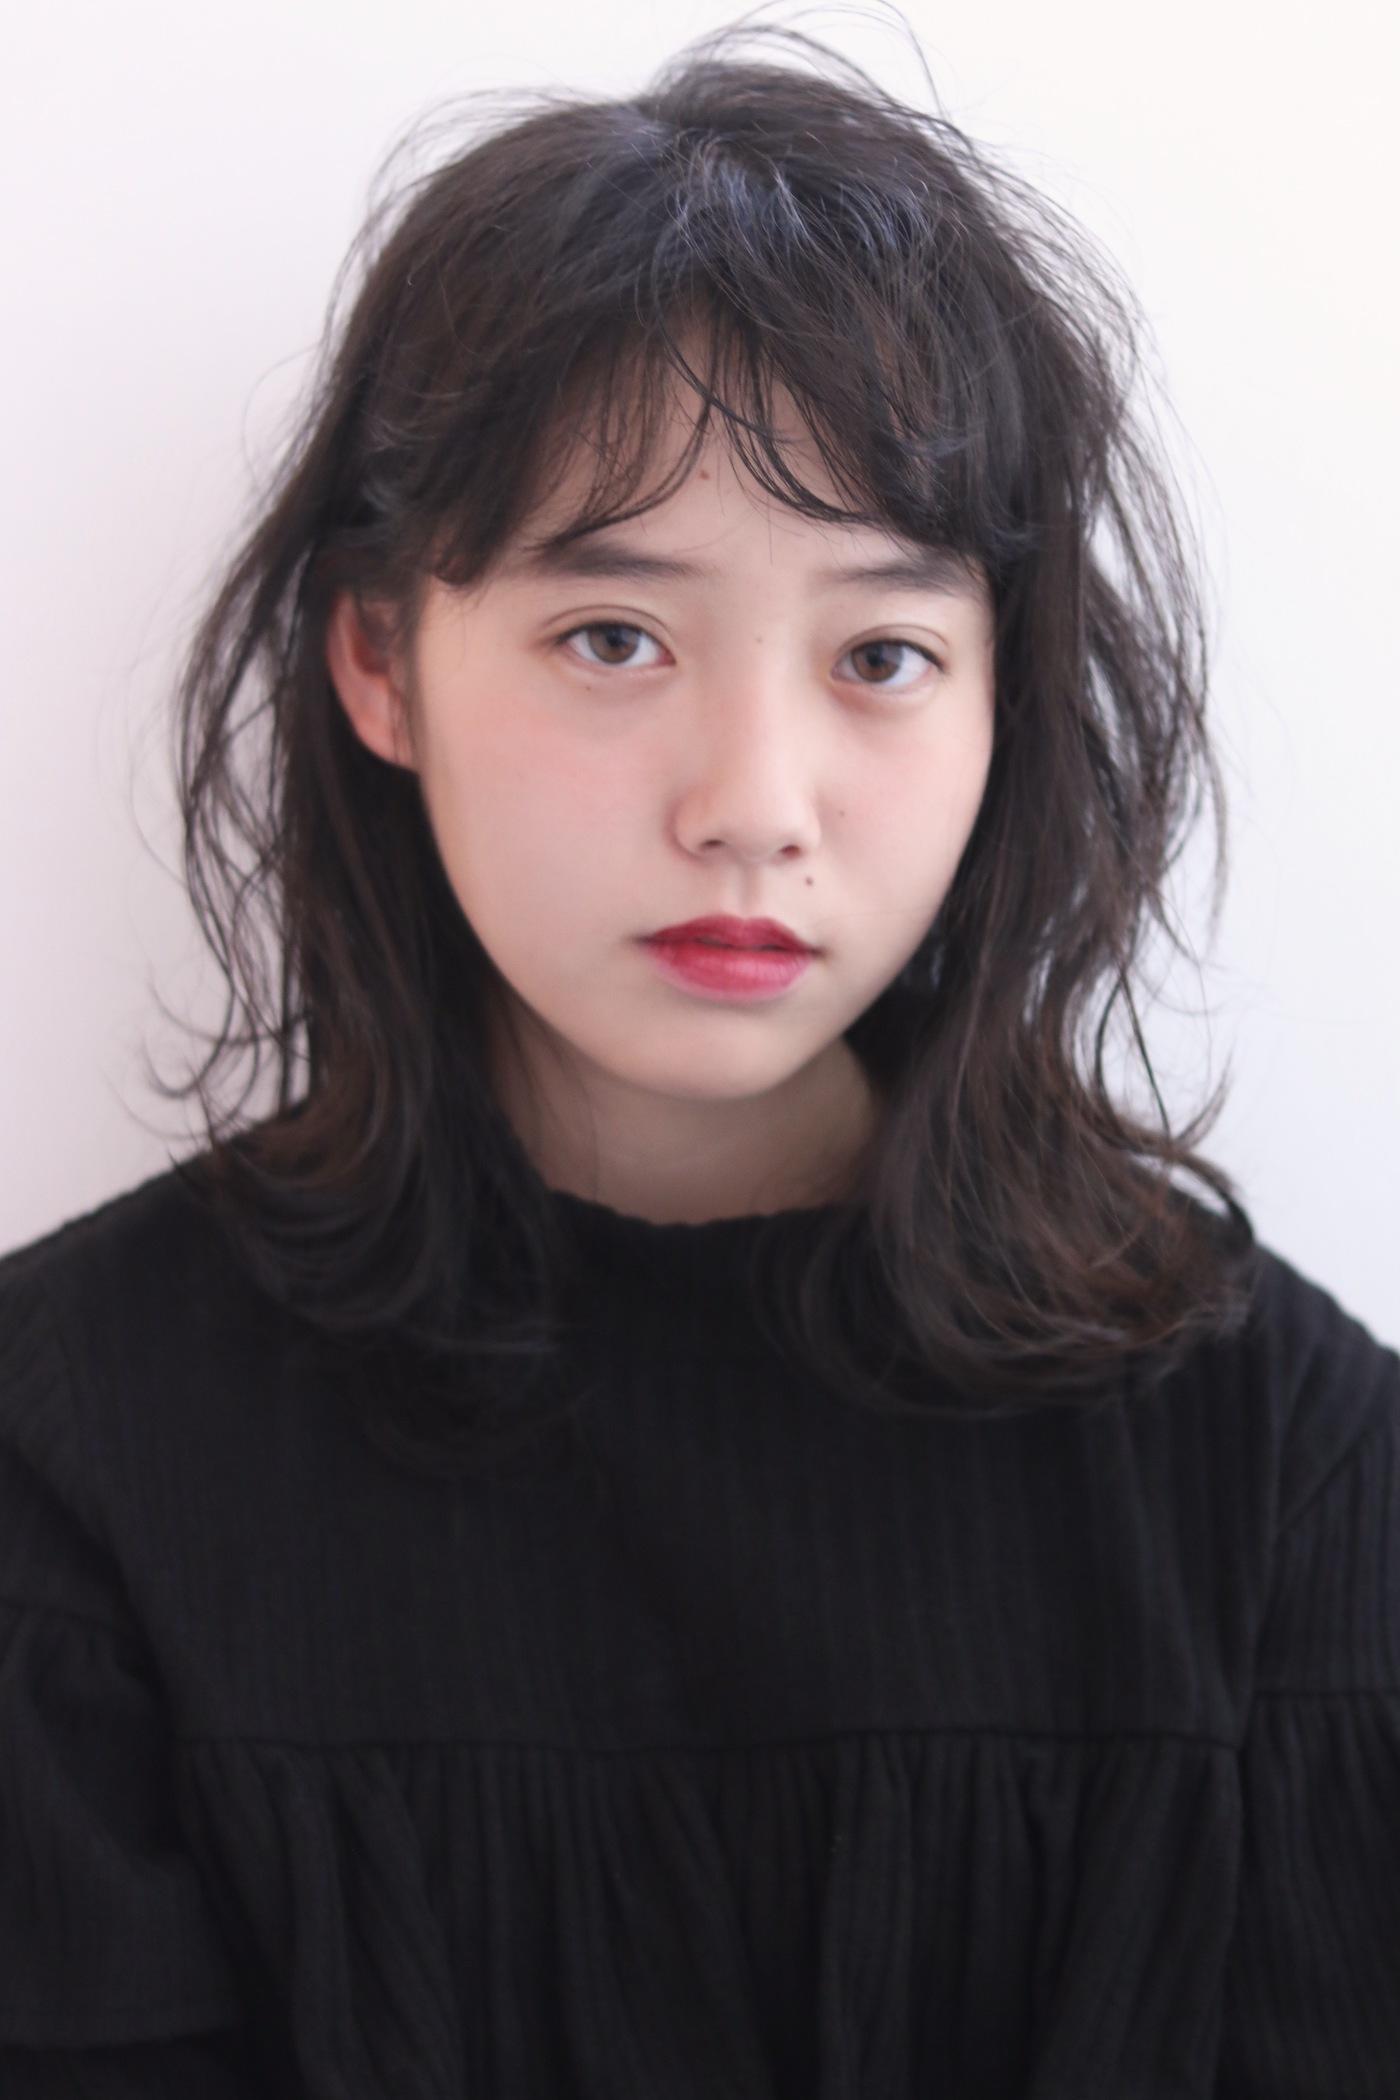 《最新版》面長さんに似合う髪型厳選!面長を生かして美人魅せ♡の31枚目の画像